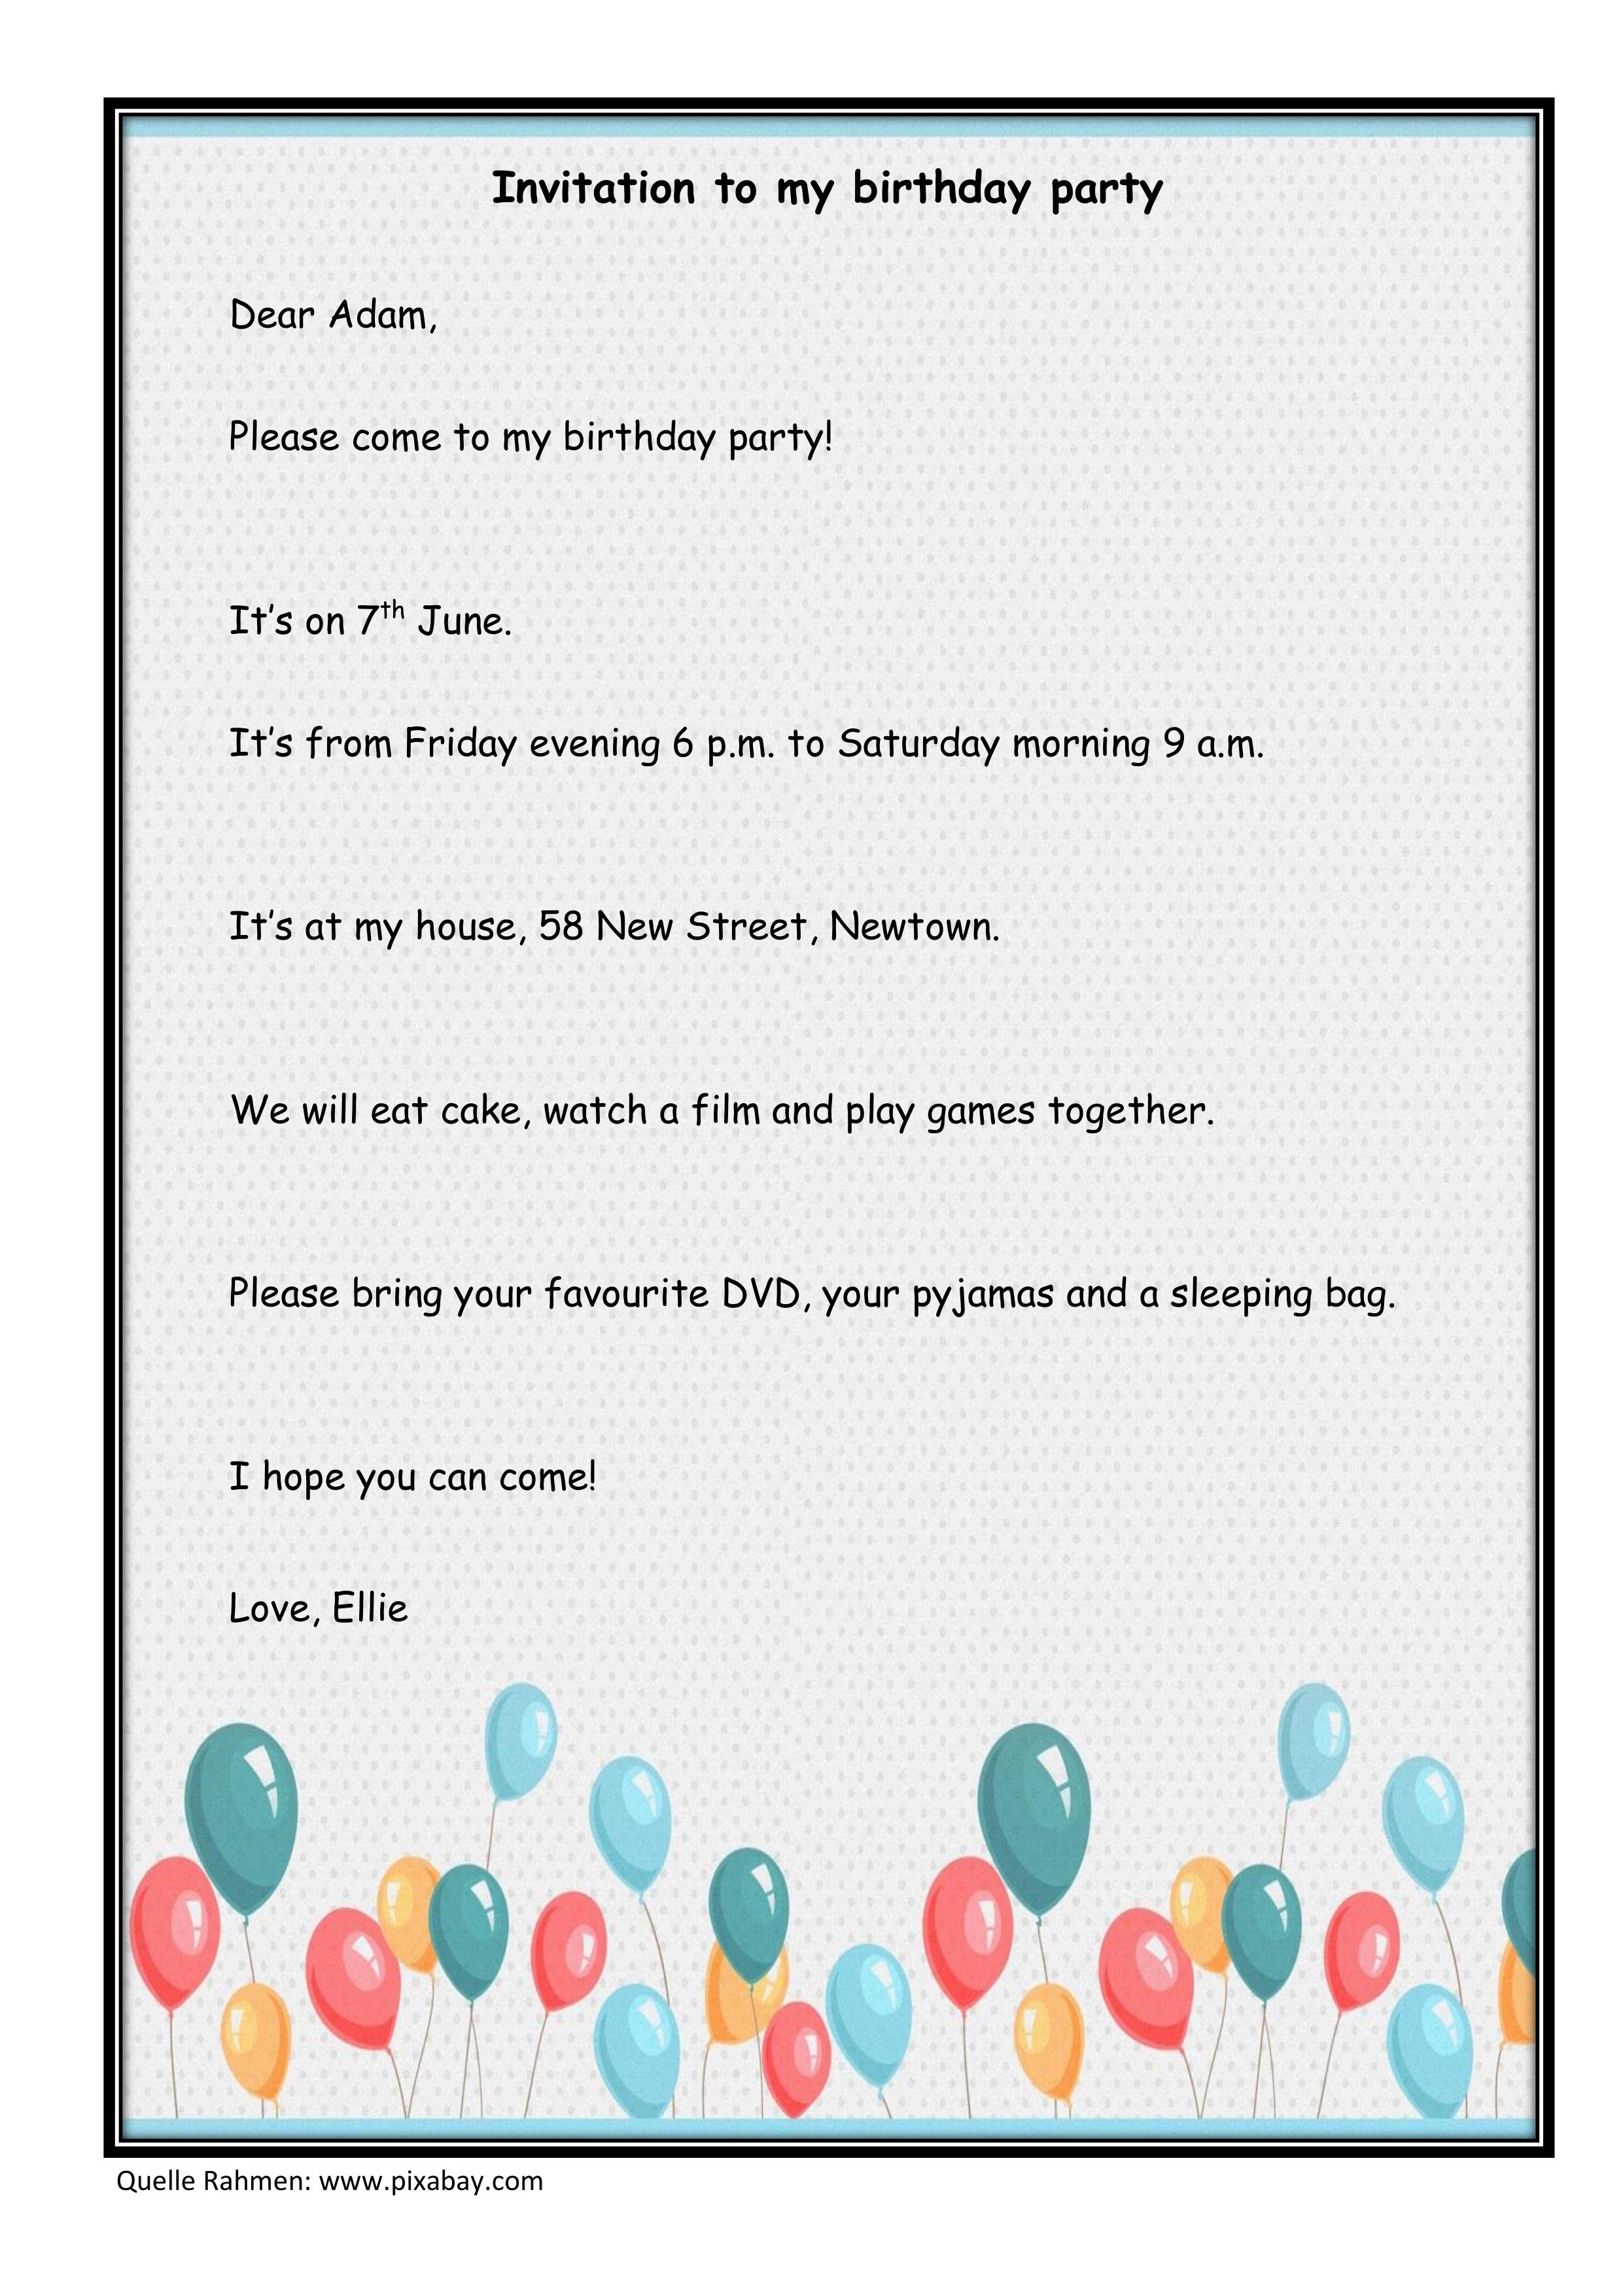 How To Write A Birthday Invitation Unterrichtsmaterial Im Fach Englisch Einladung Geburtstag Einladung Ideen Geburtstagseinladungen